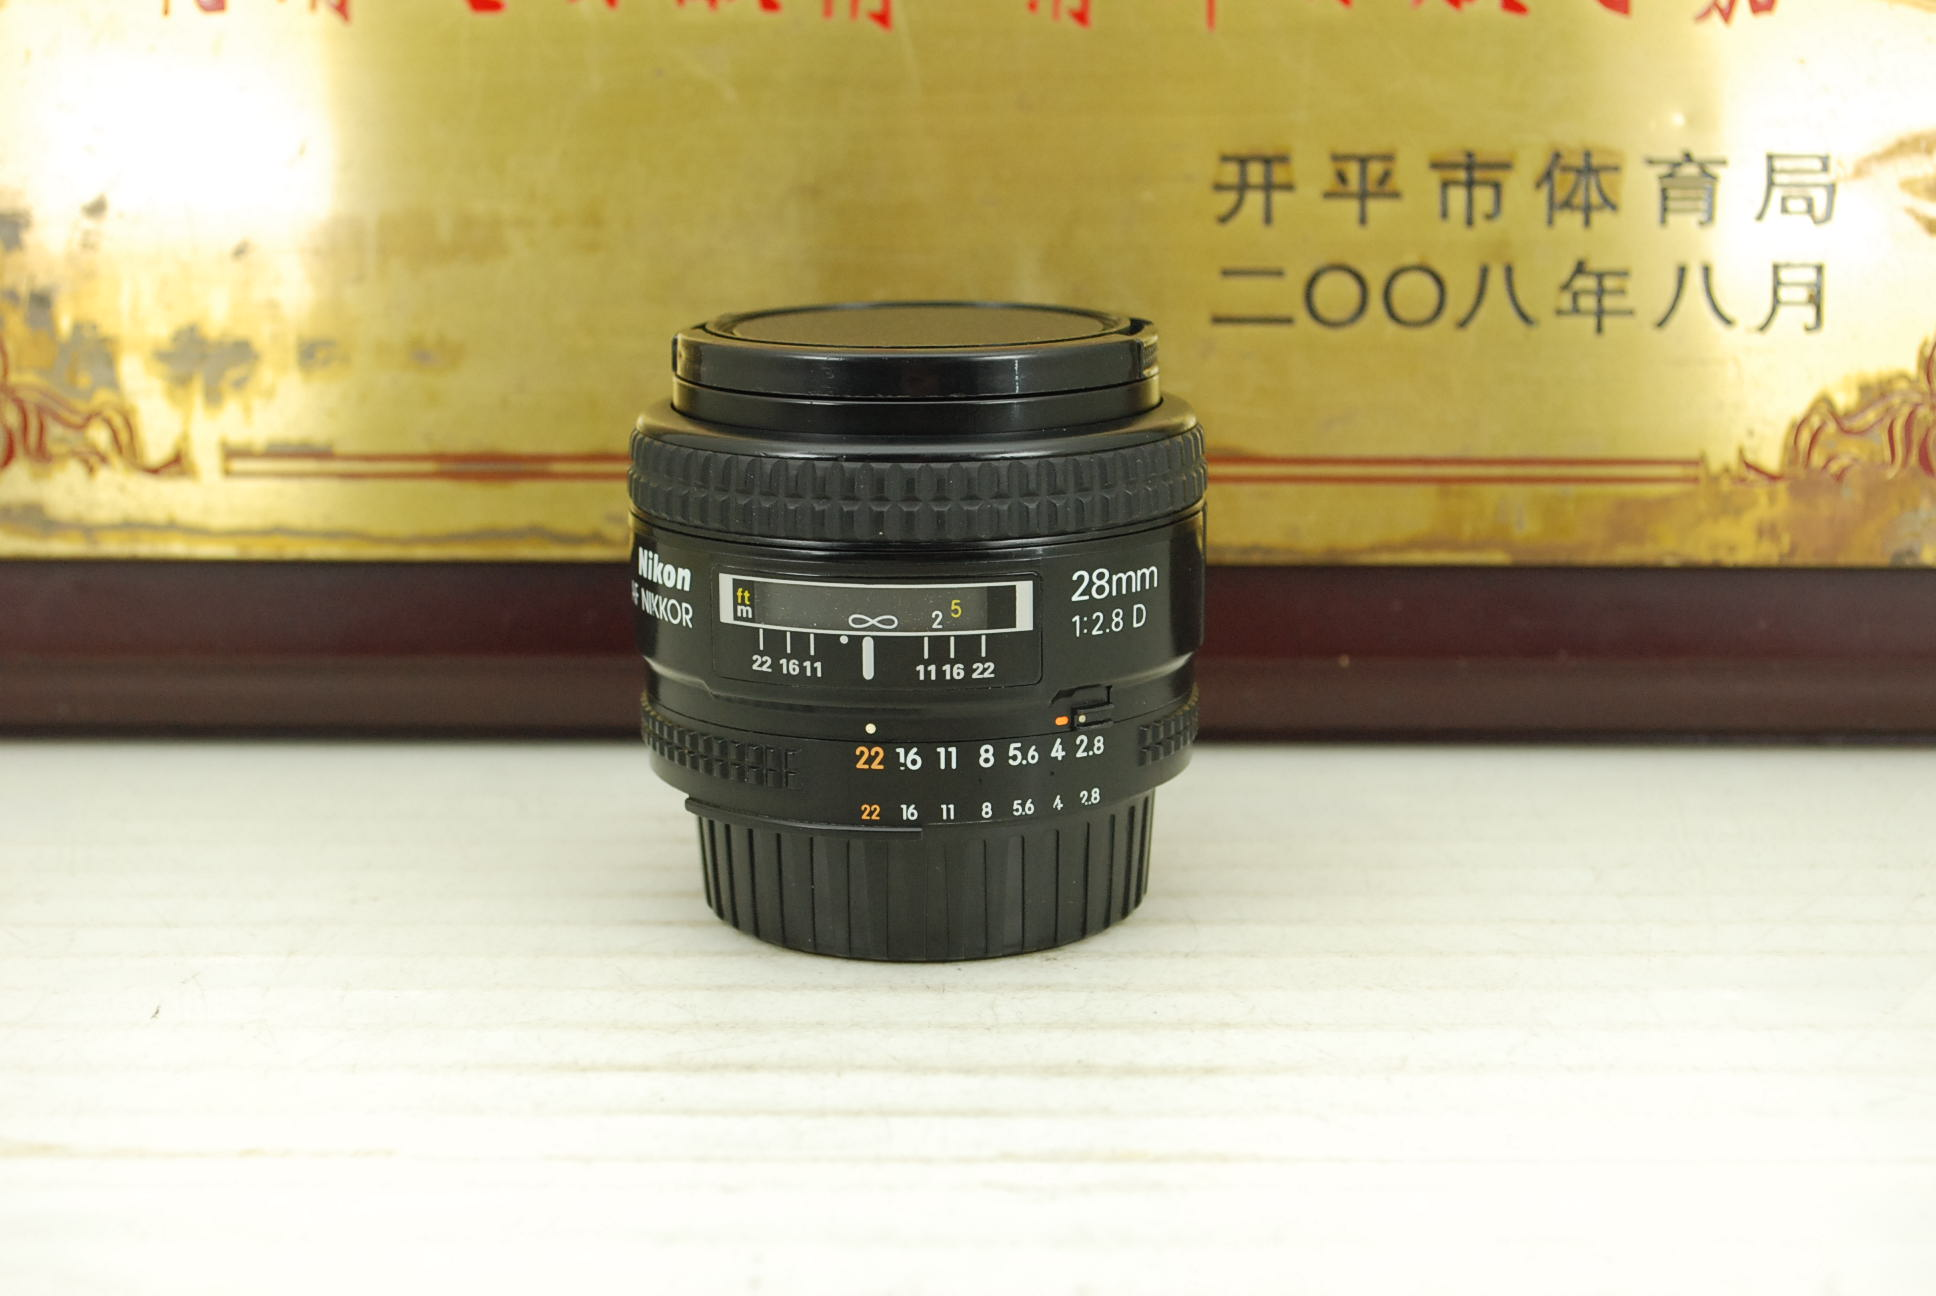 95新 尼康 28mm F2.8D 單反鏡頭 大光圈廣角定焦人文人像性價比高